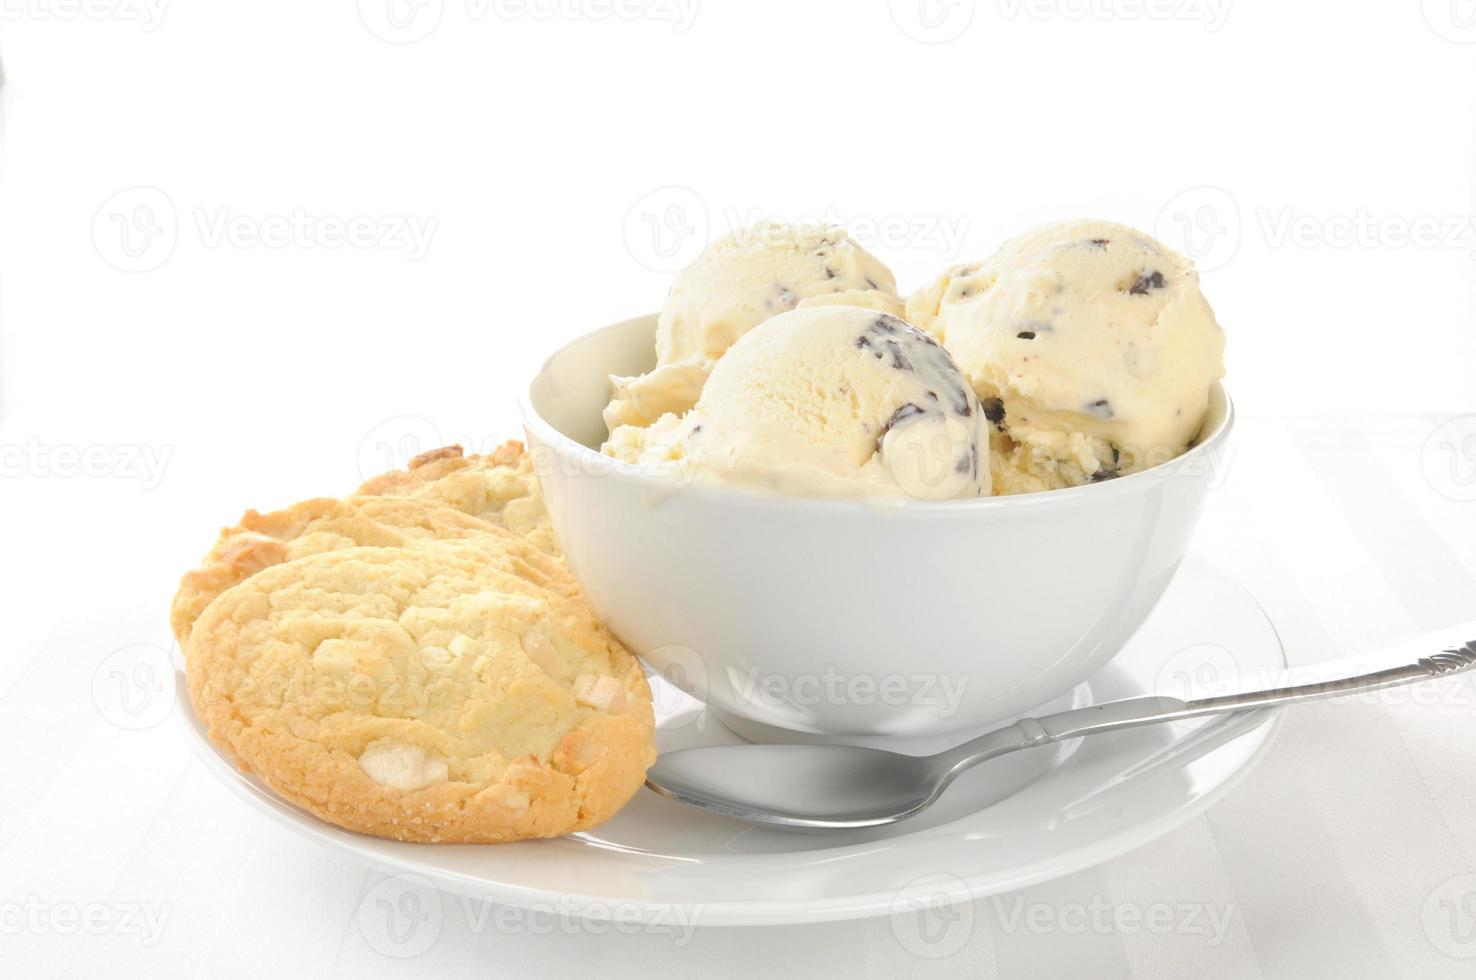 helados y galletas foto